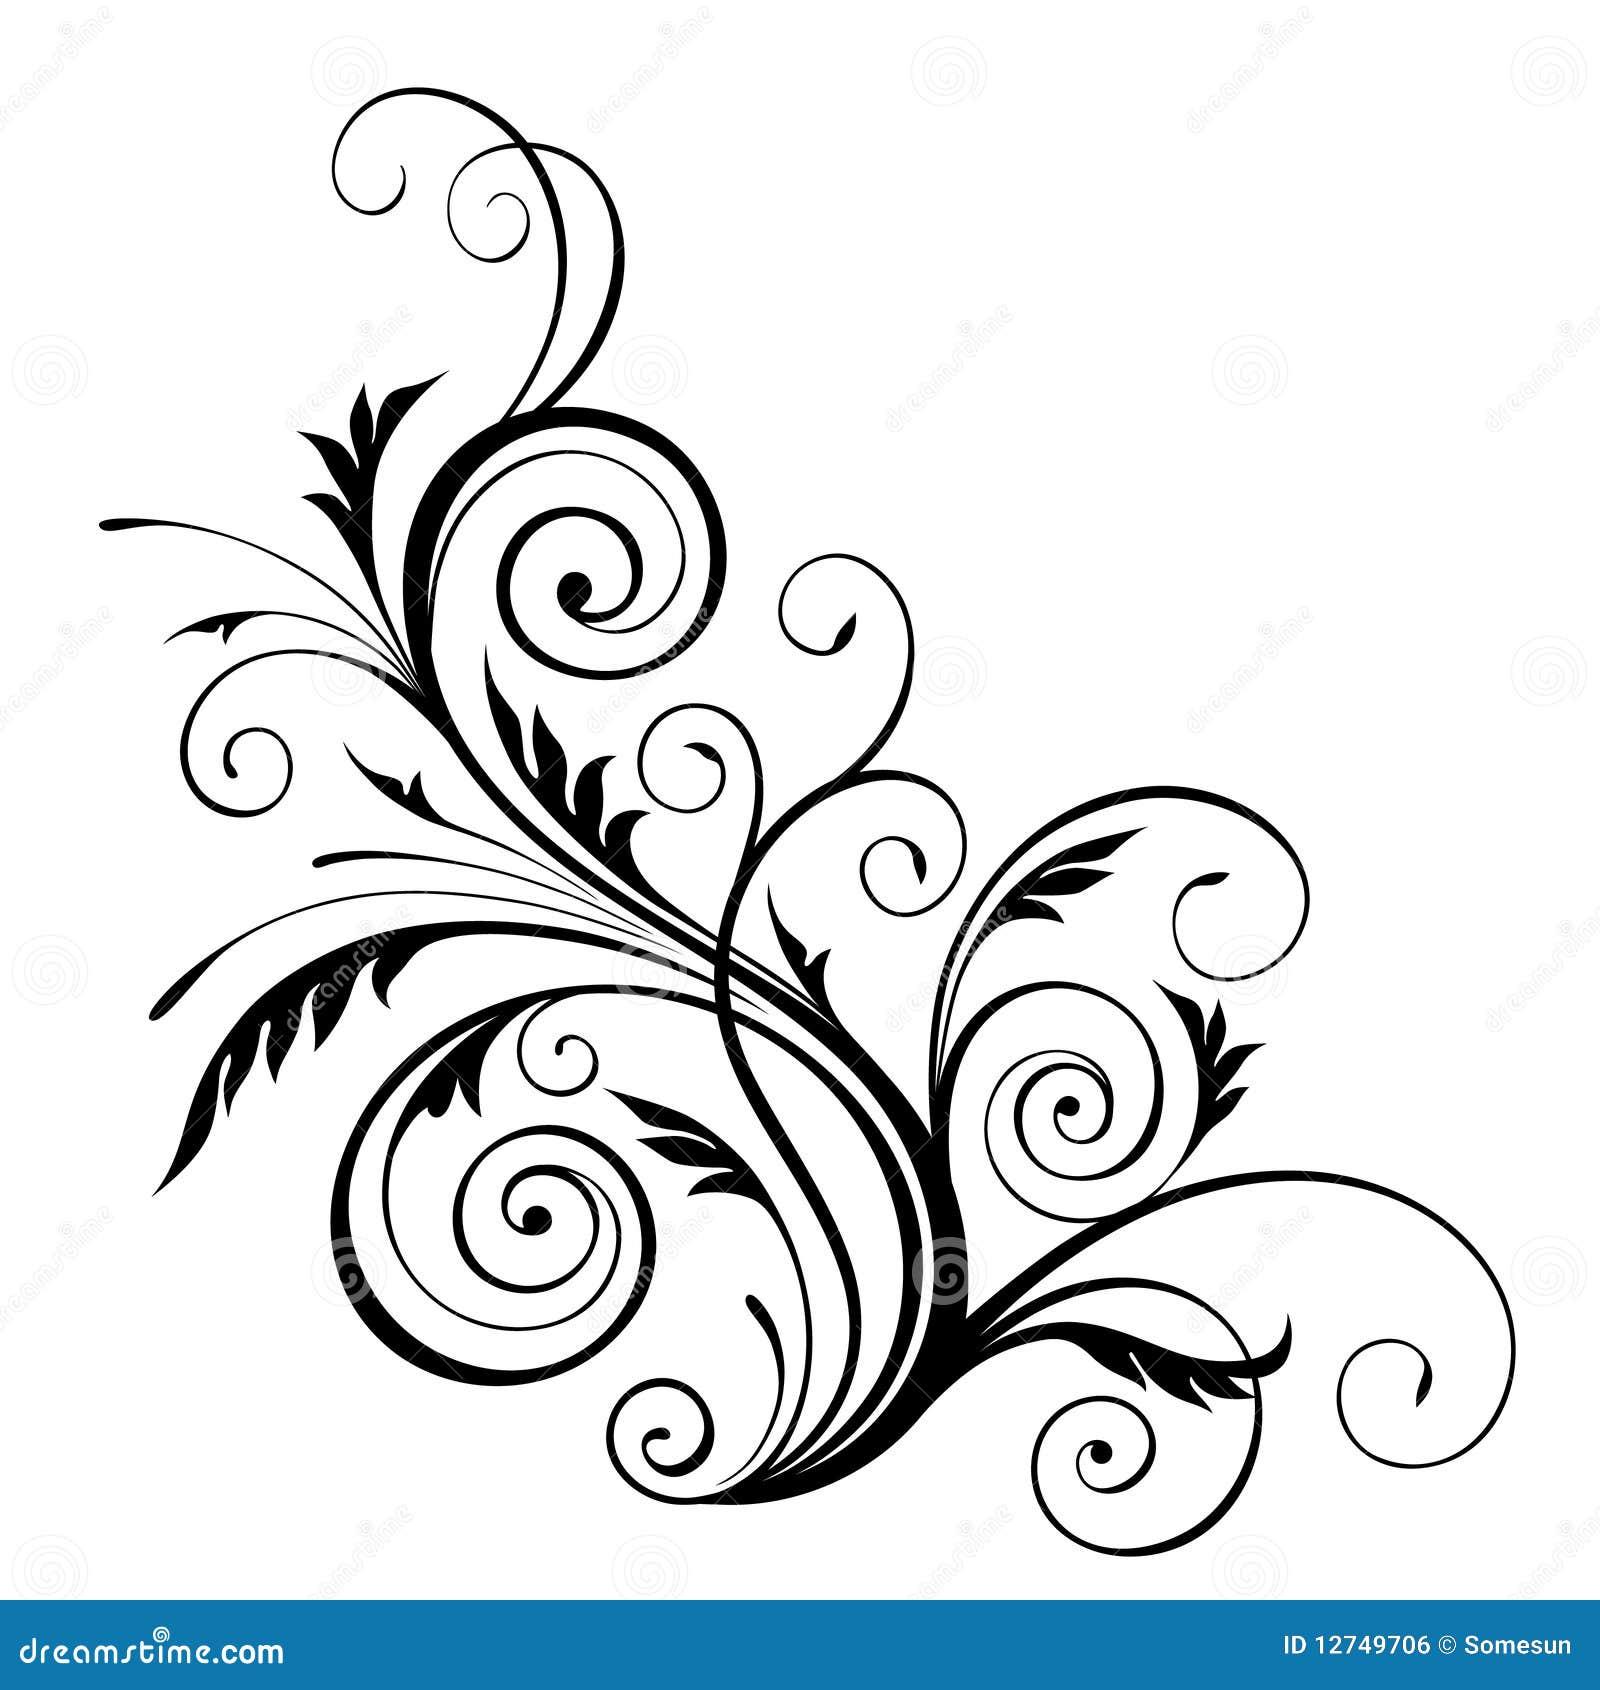 Flower Designs Patterns Png Vector Floral Design Element